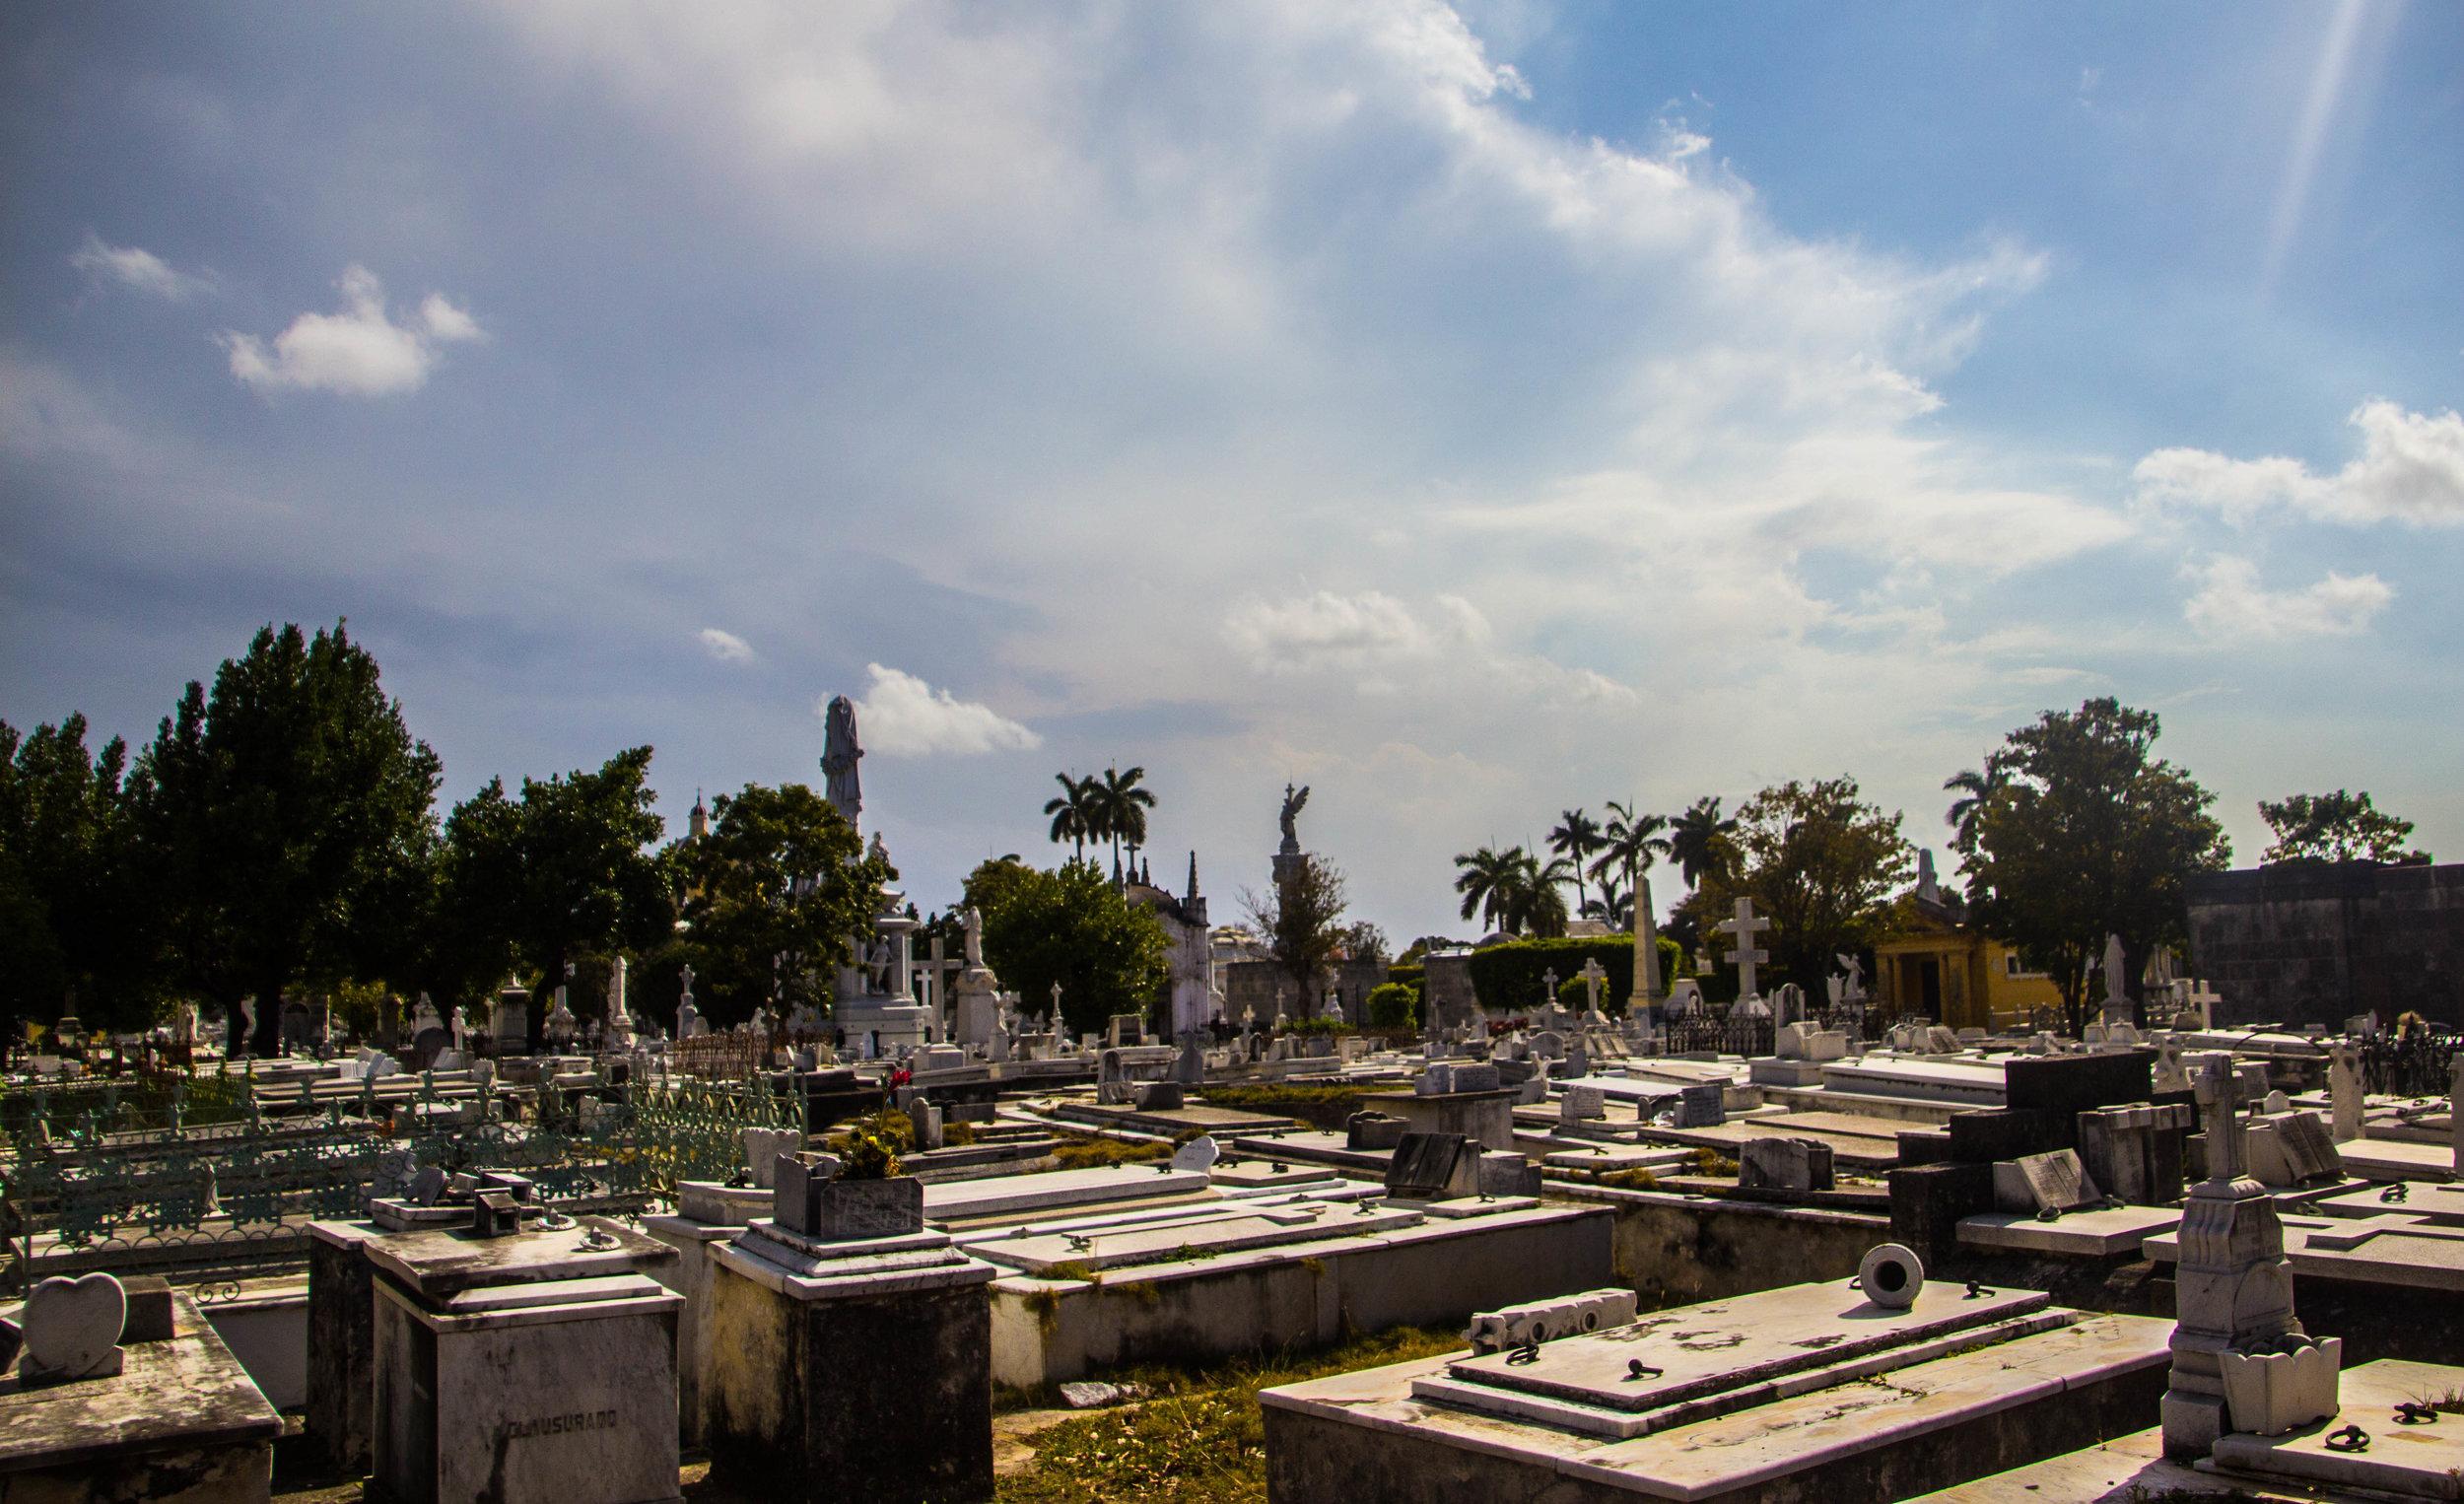 cementerio de cristóbal colón havana cuba-1-3-2.jpg